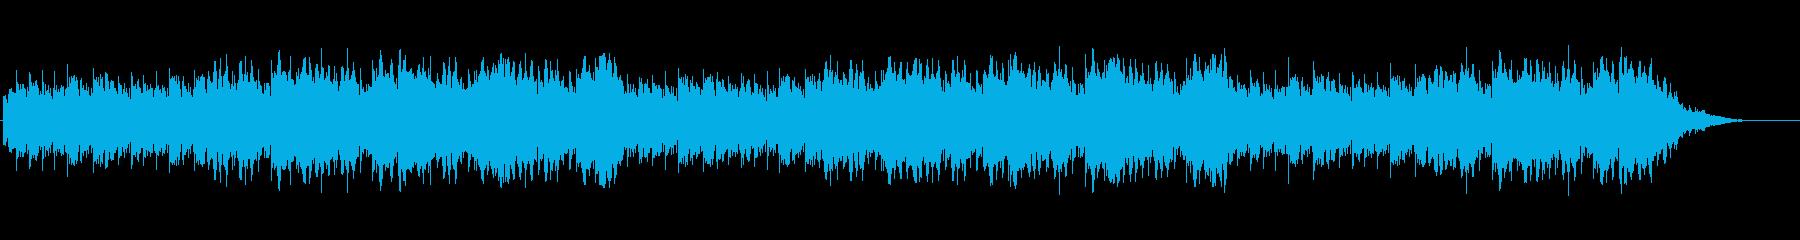 眠りを誘うアンビエントな曲の再生済みの波形